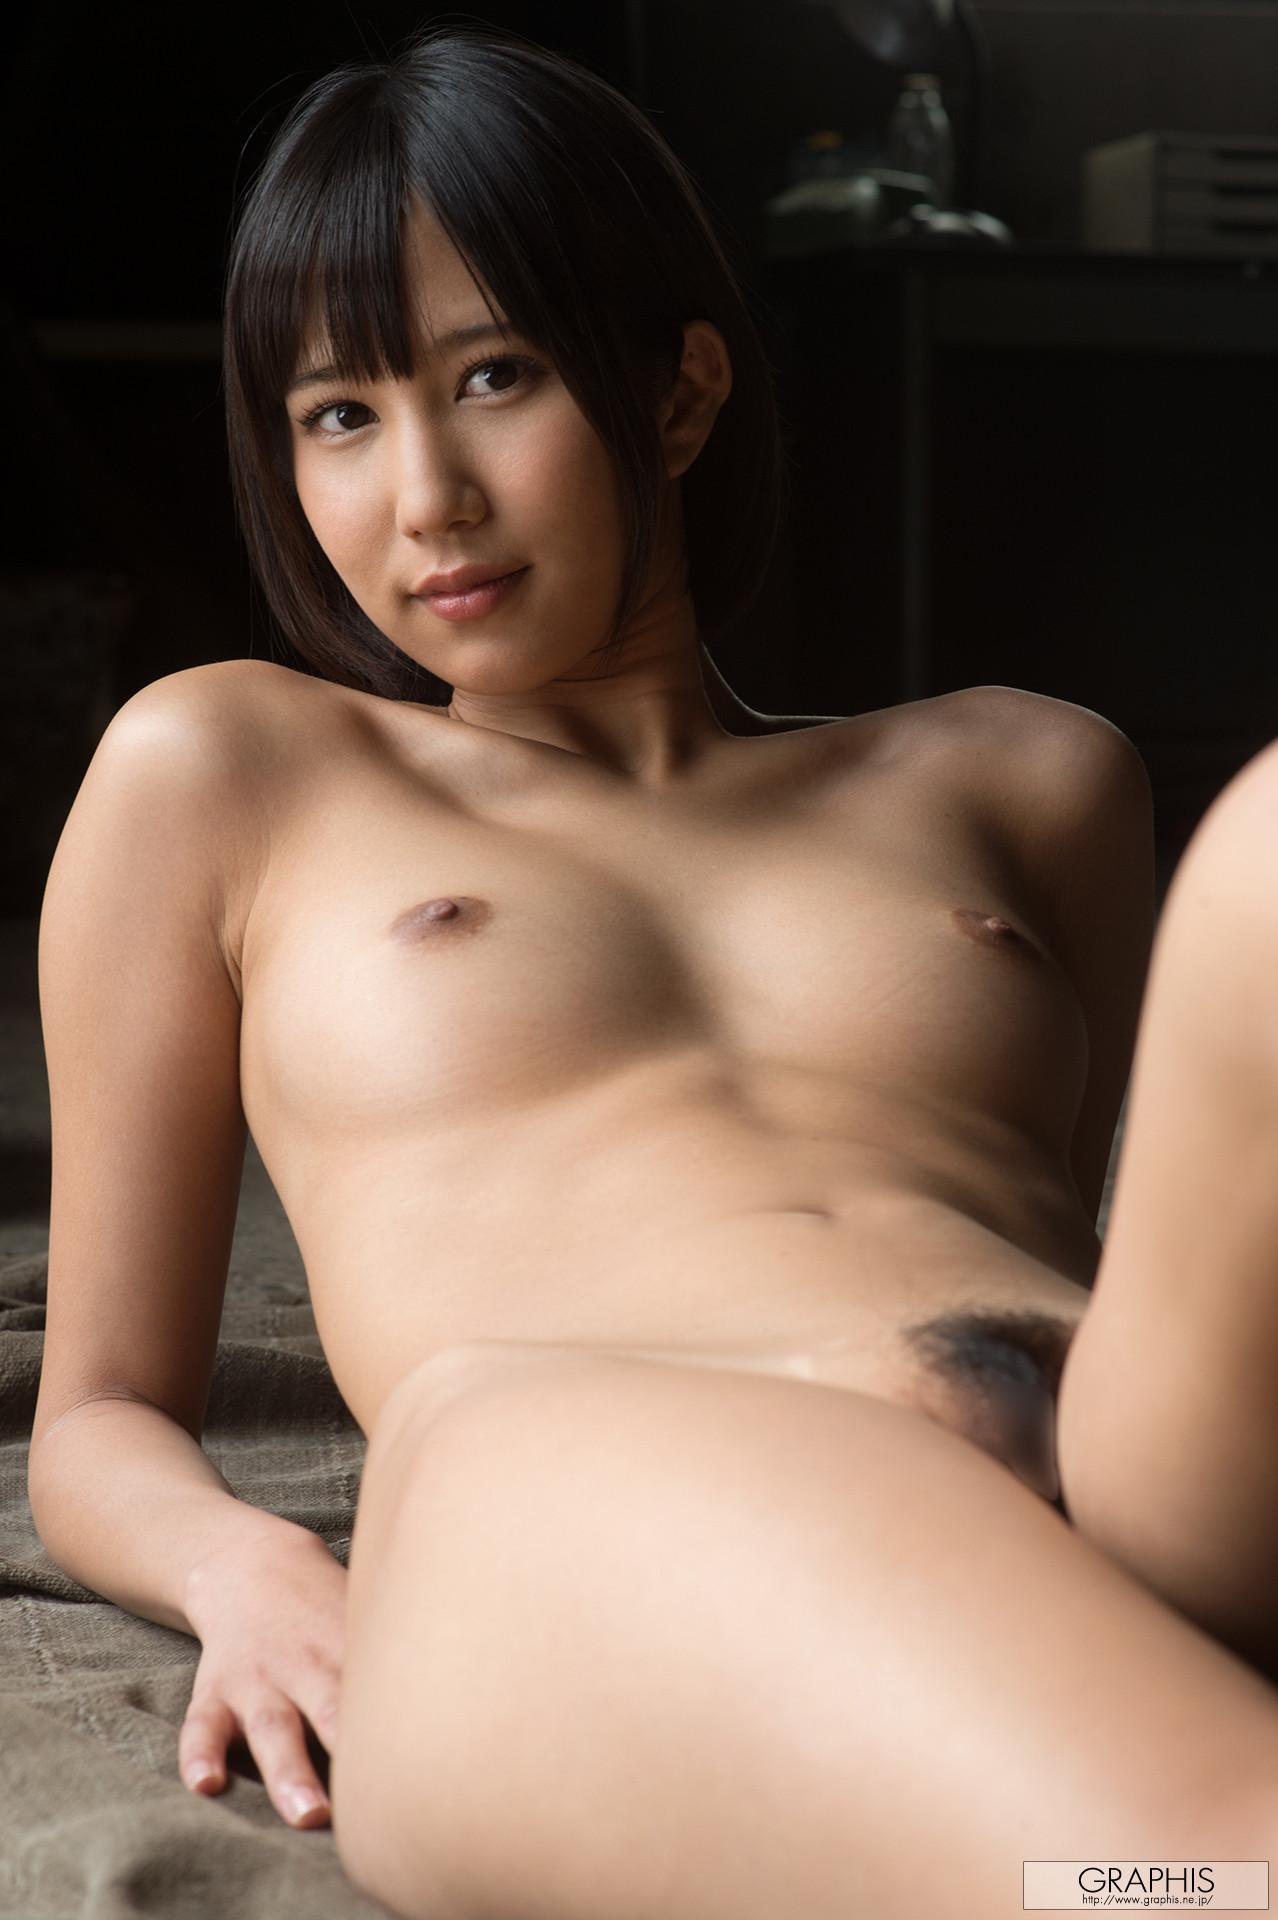 三次元 3次元 エロ画像 AV女優 湊莉久 ヌード べっぴん娘通信 048